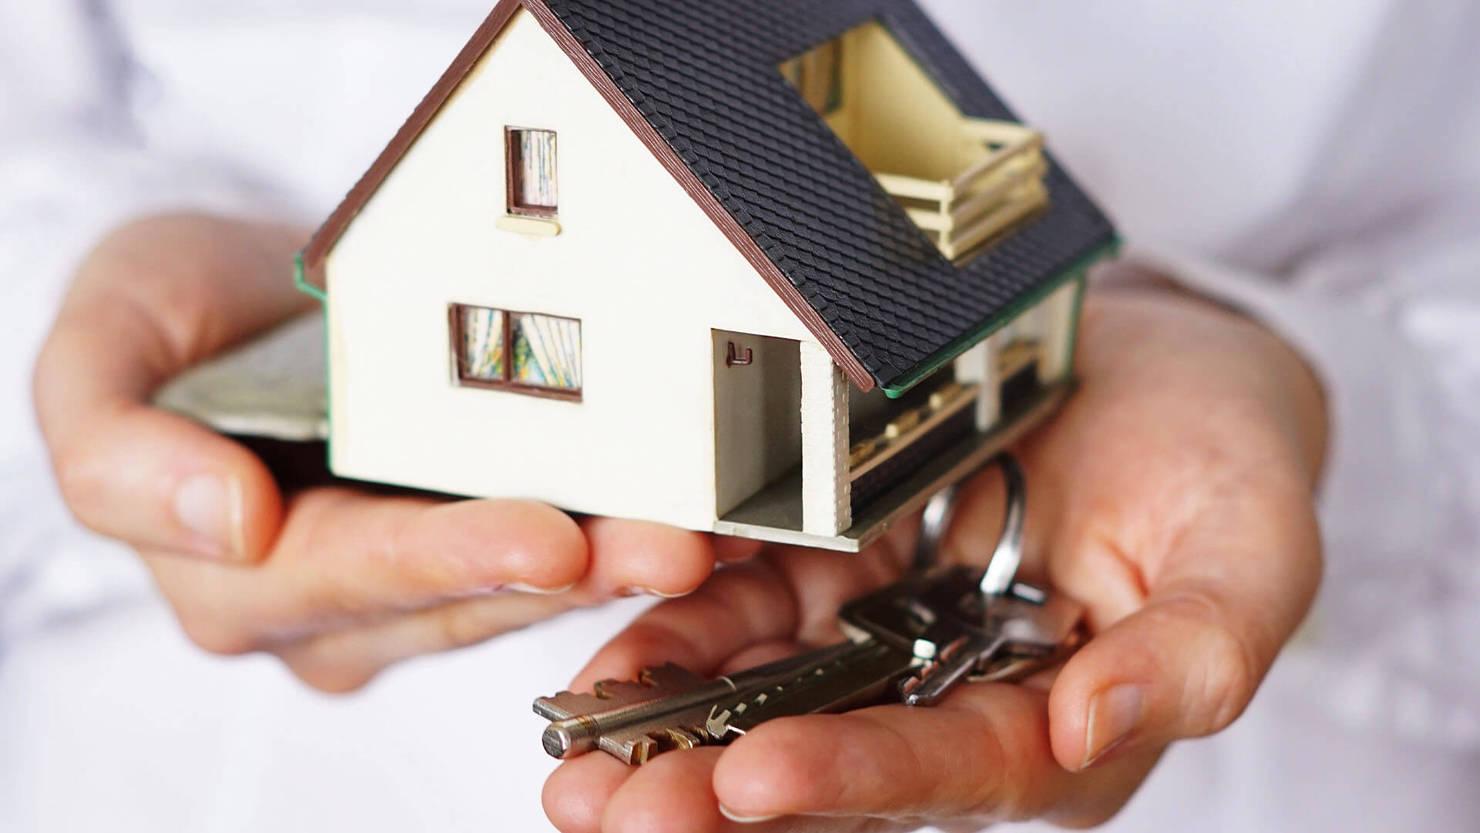 Comment faire fortune dans l'immobilier?